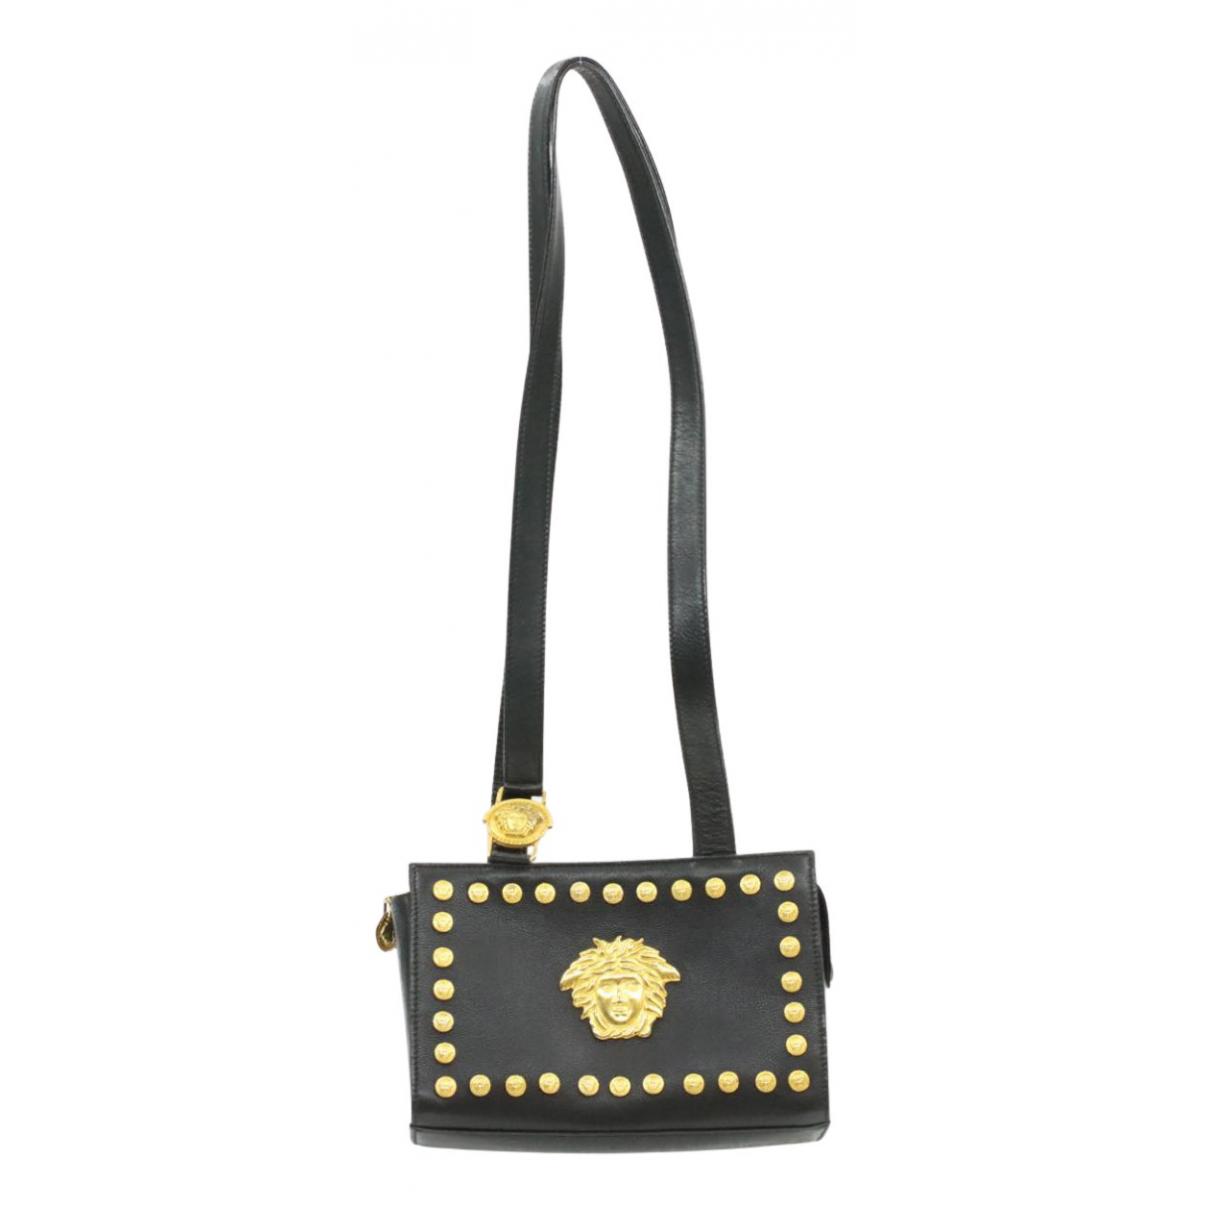 Versace N Black Leather handbag for Women N